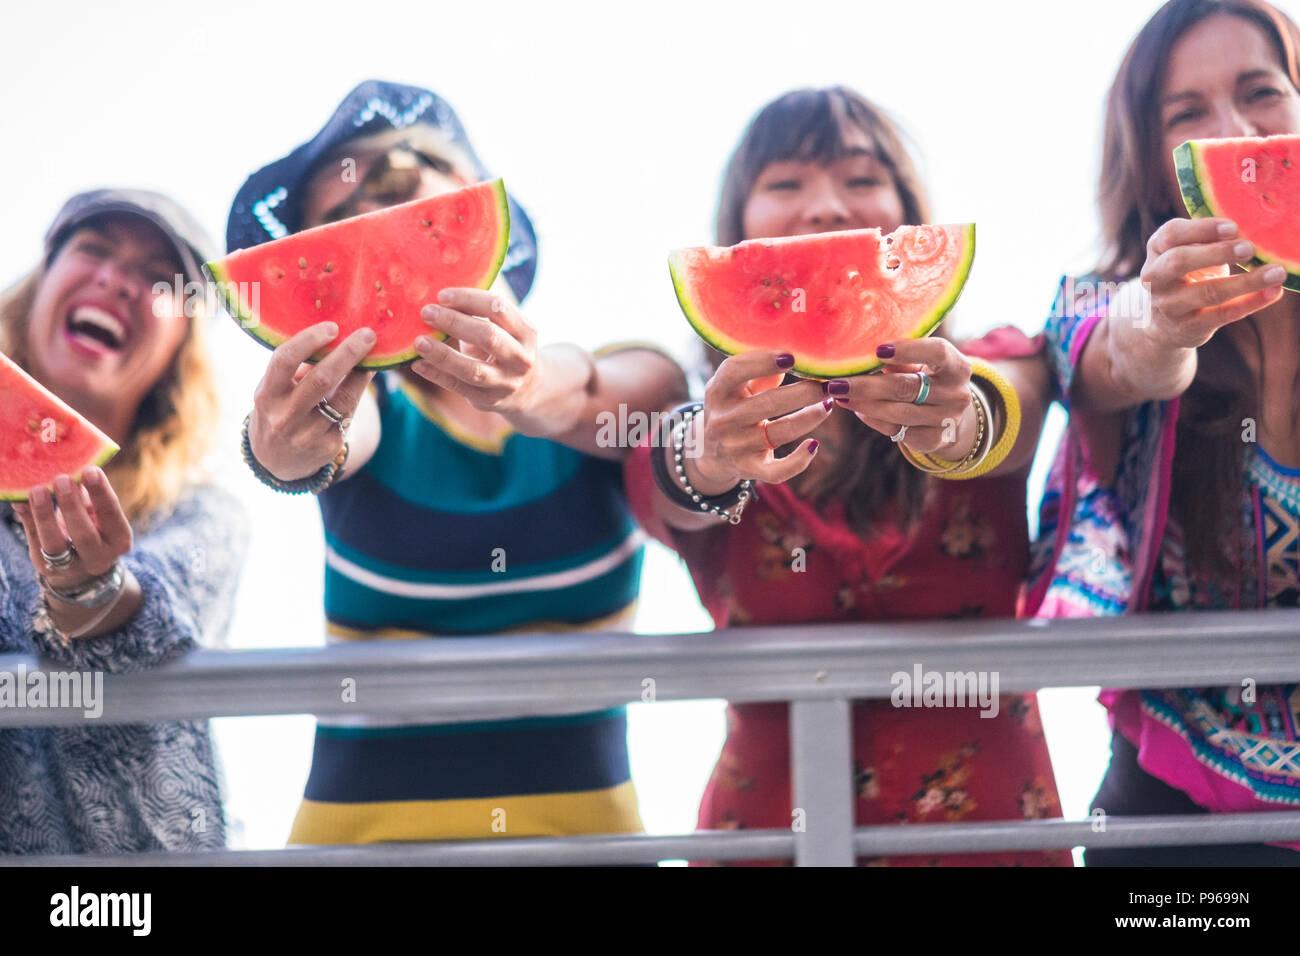 Vier schöne glückliche junge Frauen kaukasischen Essen Wassermelone Sommer und warmen Tag mit Sonne in der Nähe des Ozeans zu feiern. schöne Farben für die Gruppe Stockbild